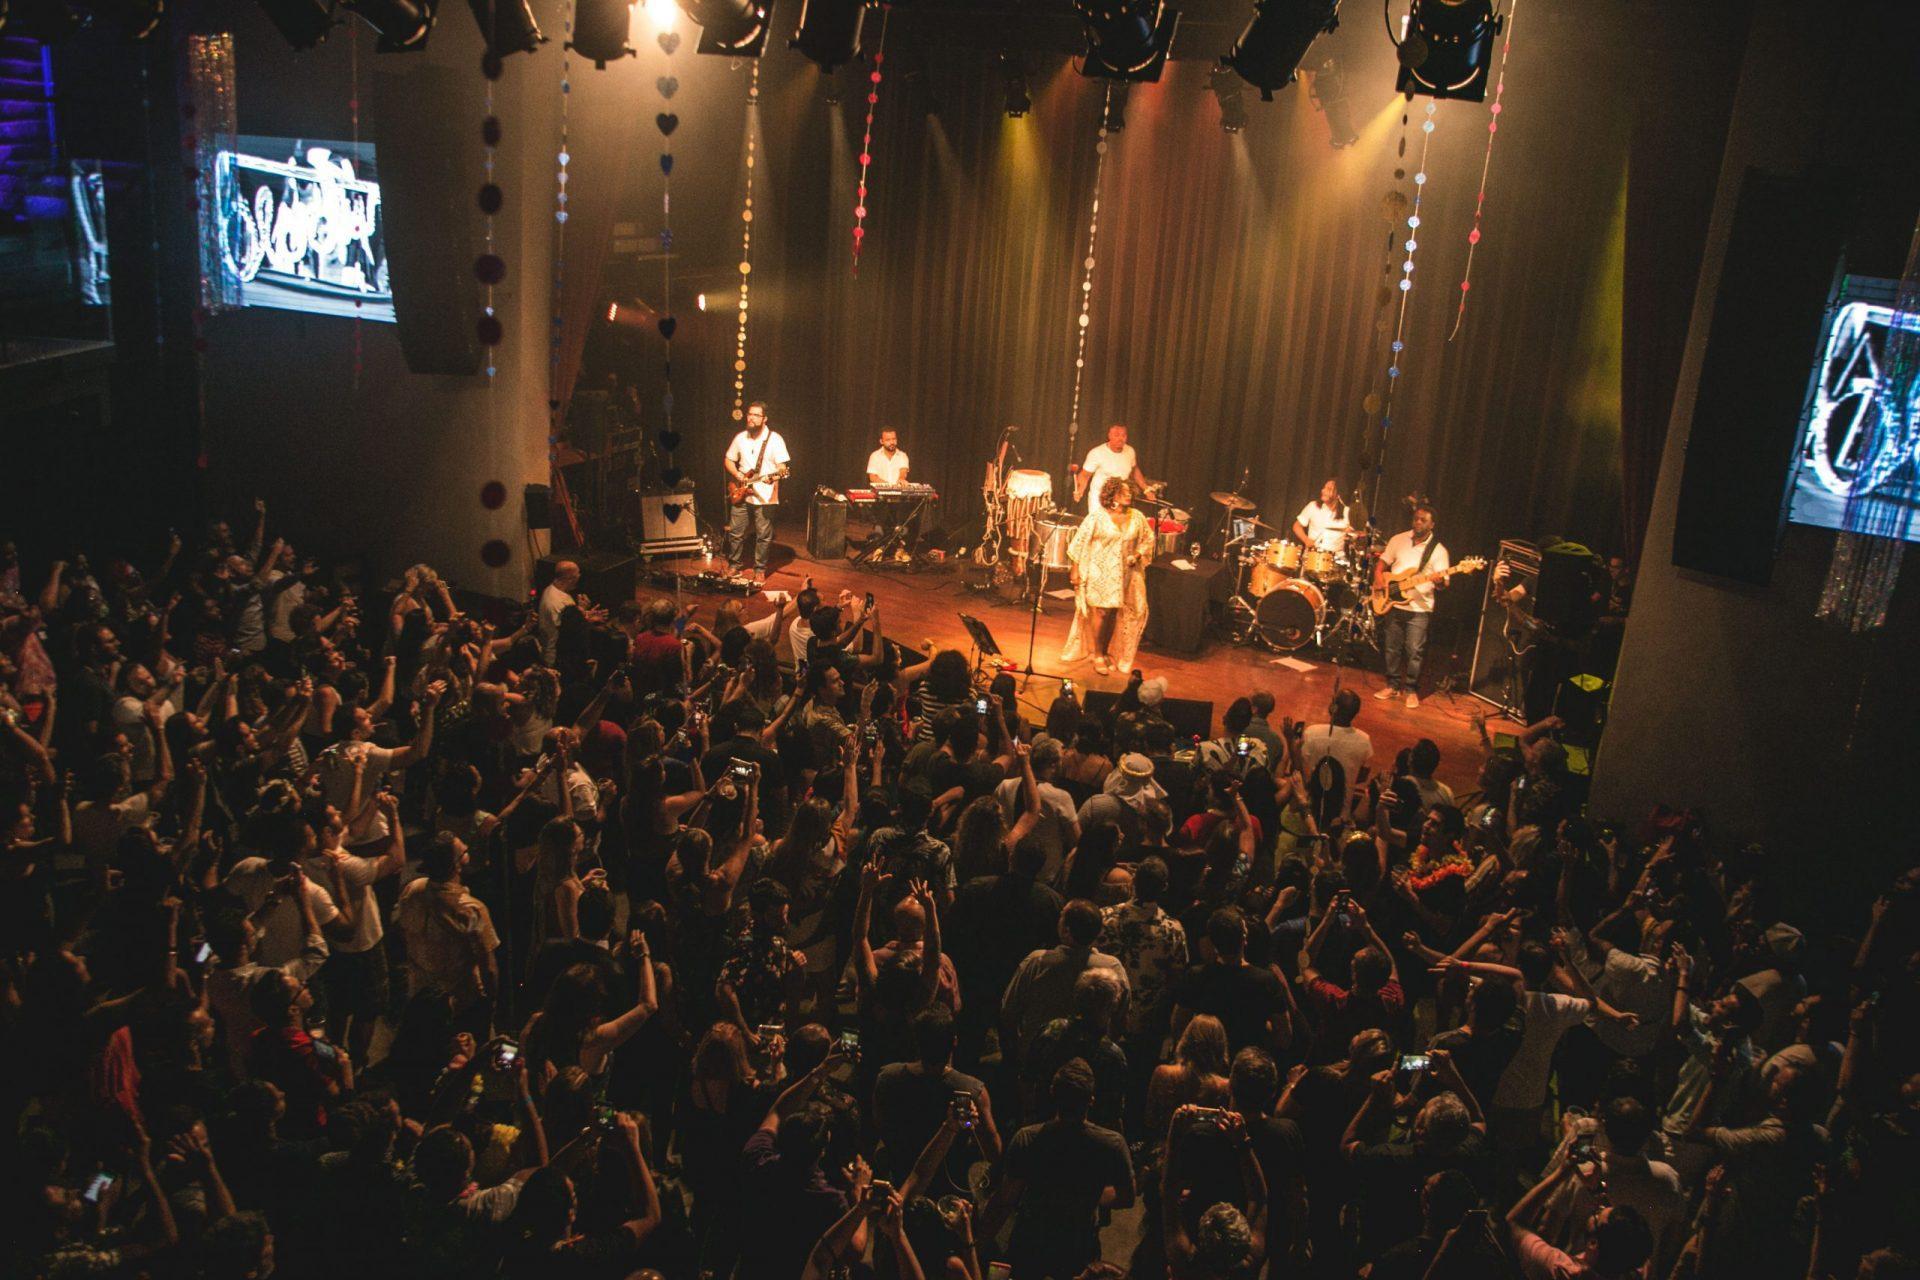 Imagem 2 do Evento Baile de Carnaval da Margareth Menezes